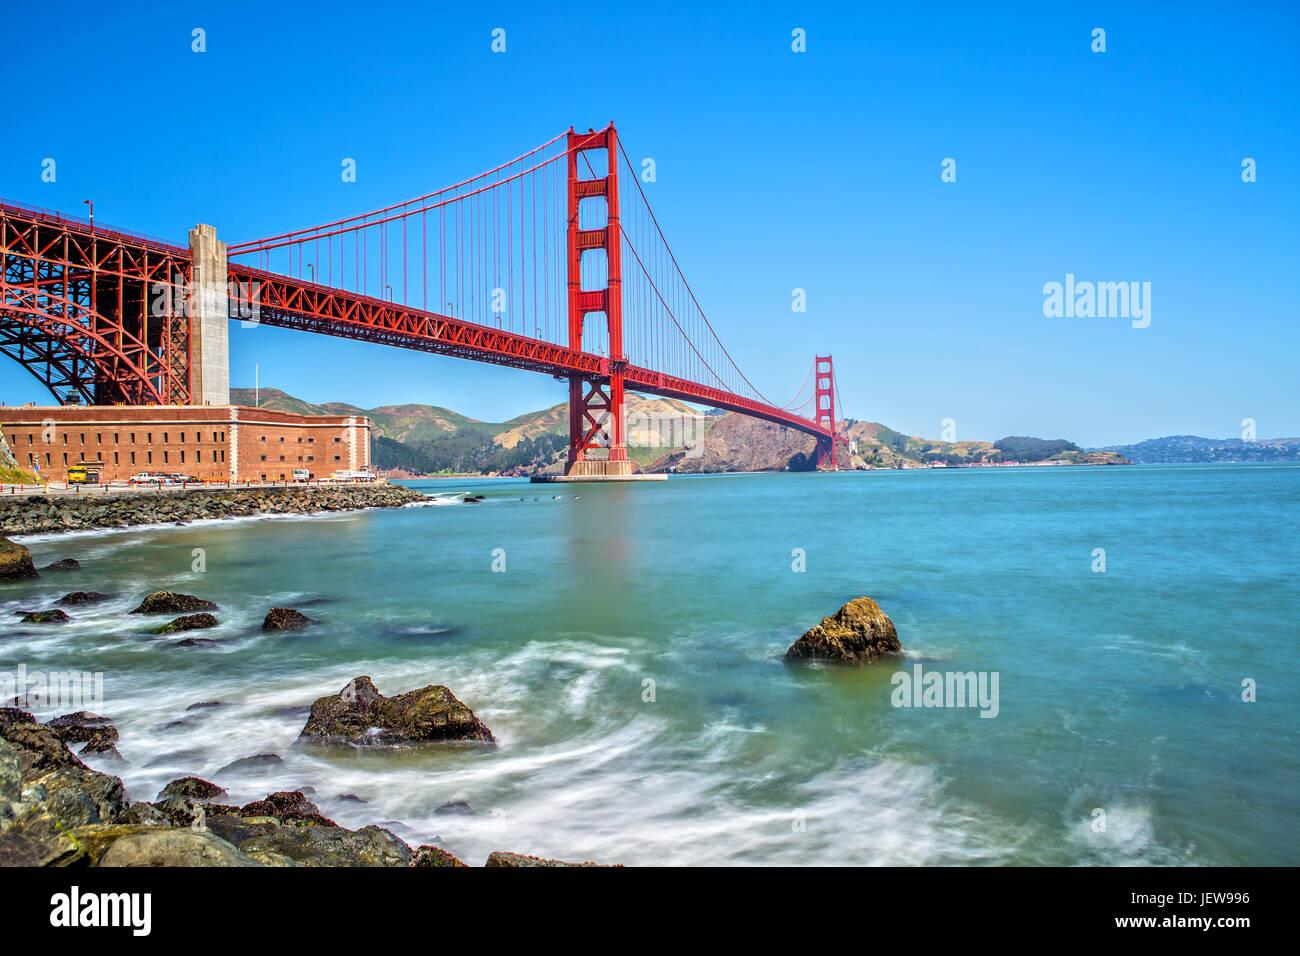 La larga exposición del Puente Golden Gate en San Francisco. Imagen De Stock